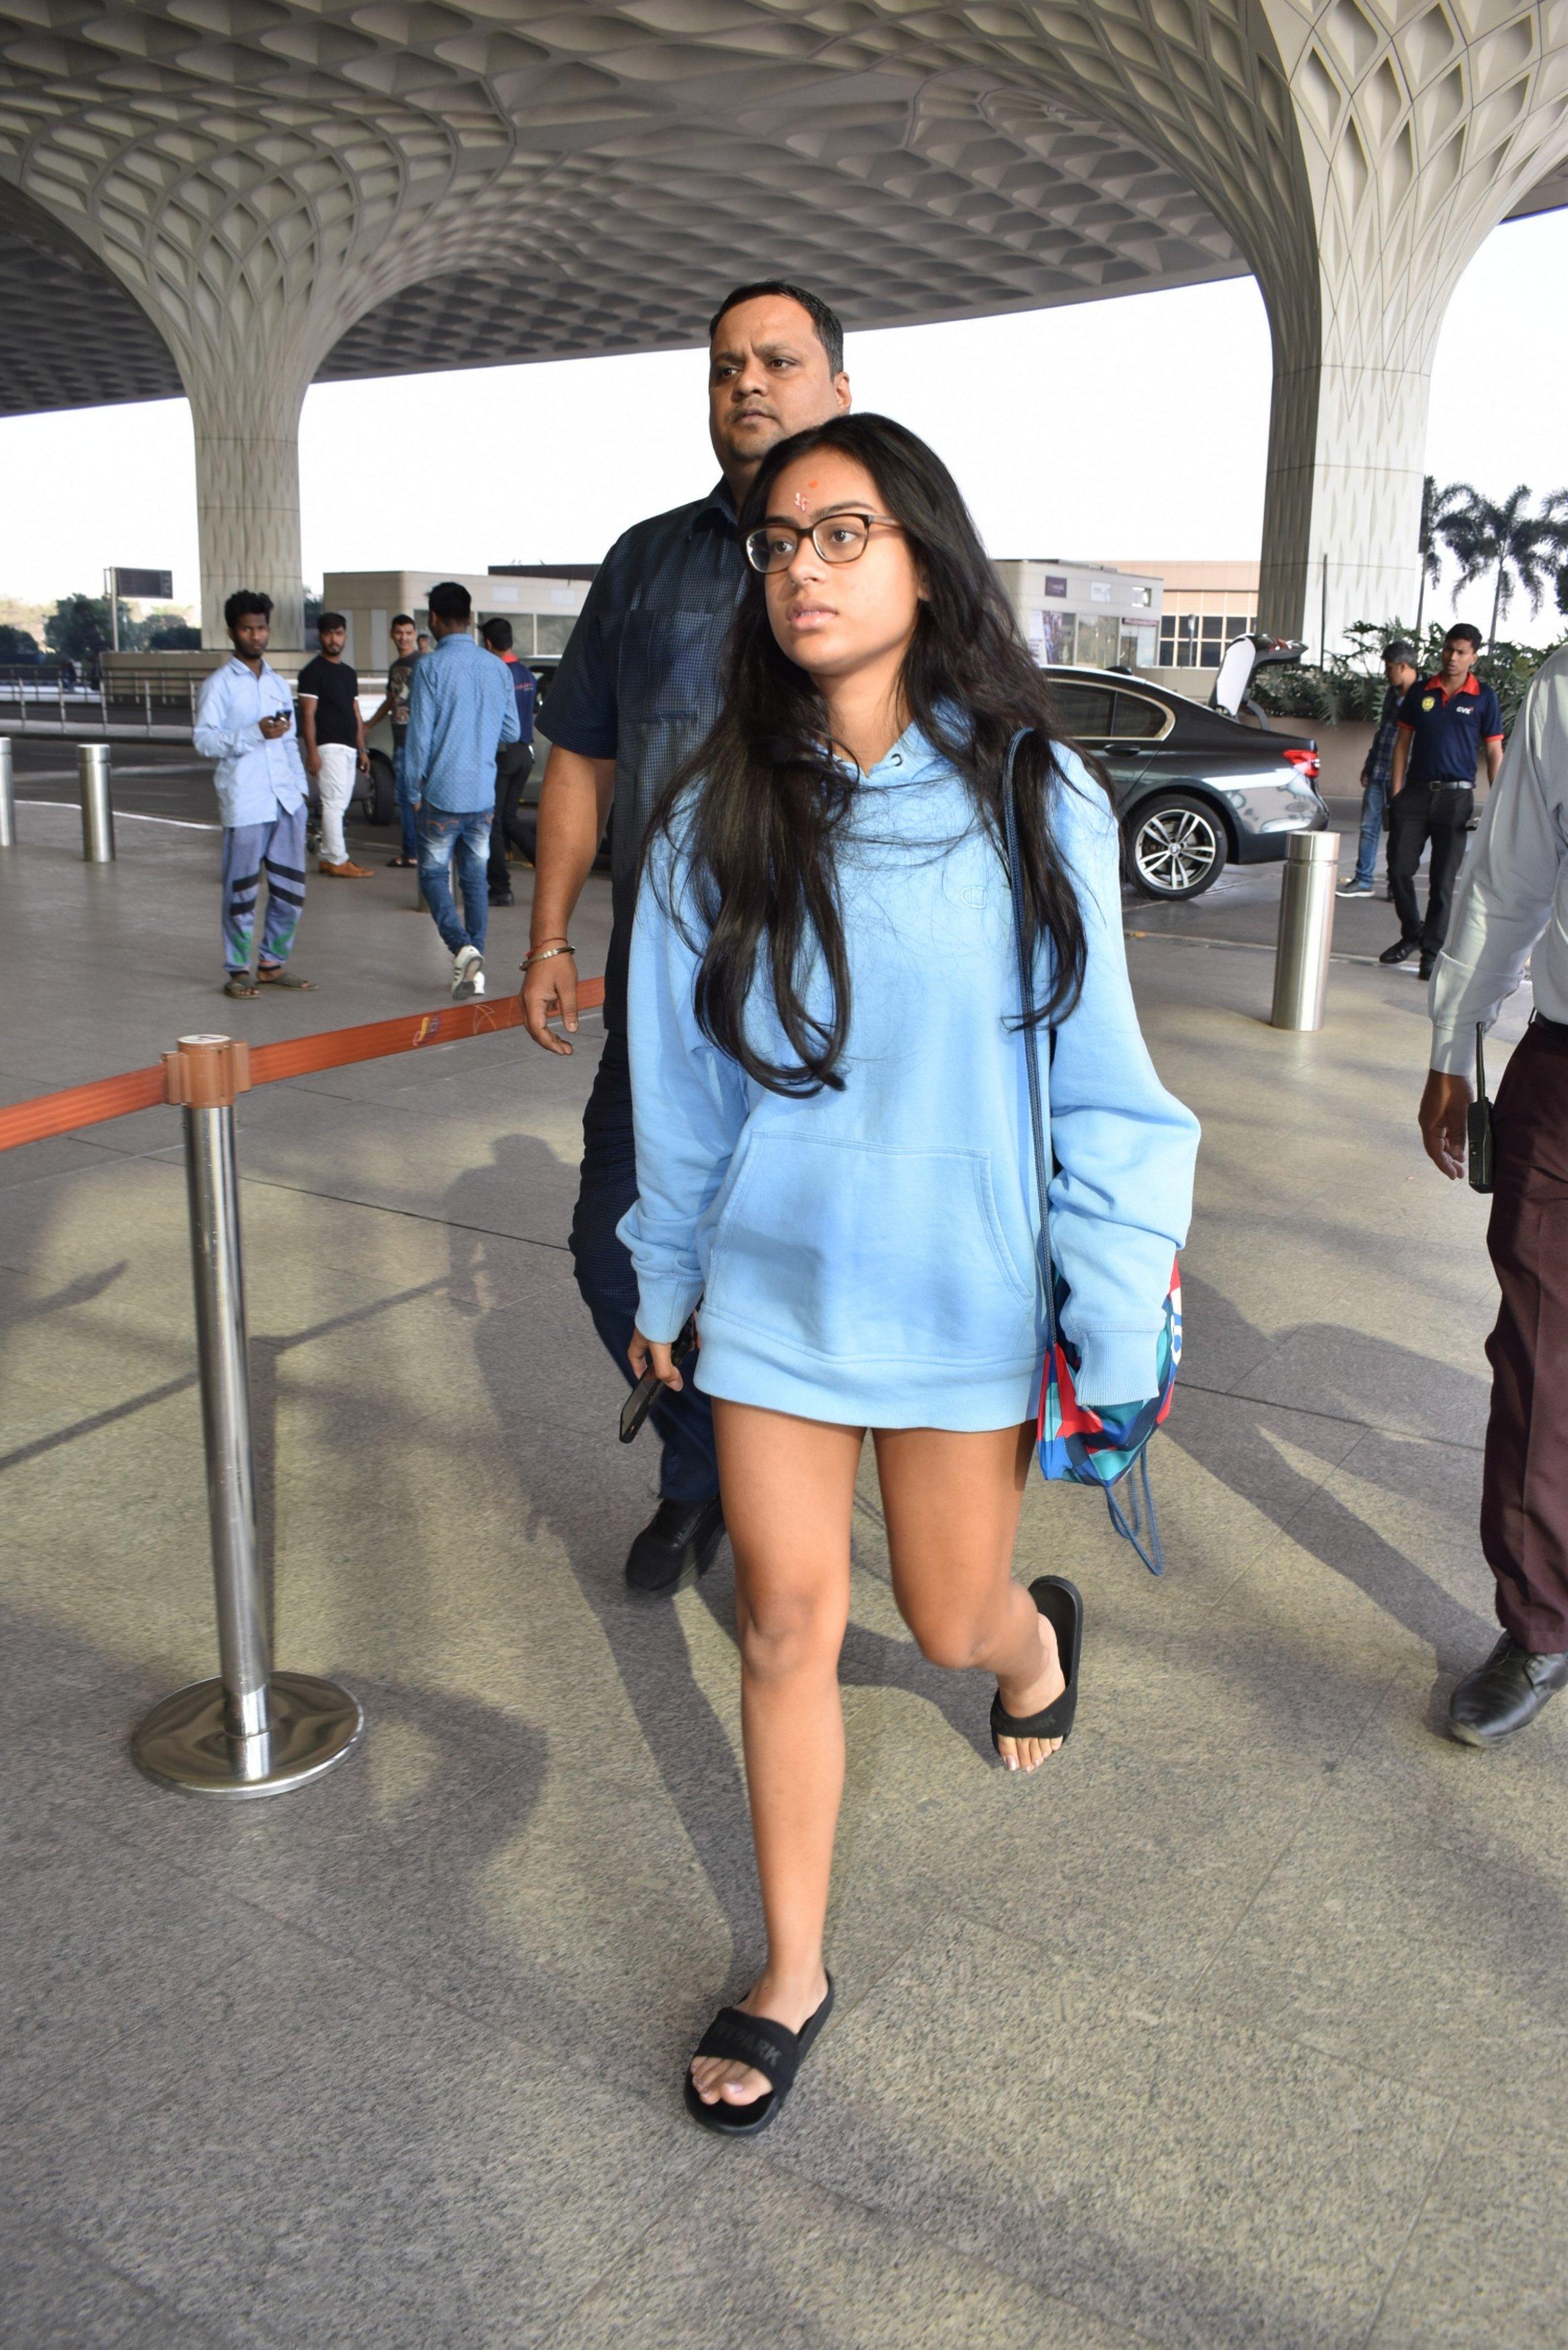 Bollywood Tadka, न्यासा इमेज देवगन फोटो वॉलपेपर फुल एचडी फोटो गैलरी फ्री डाउनलोड